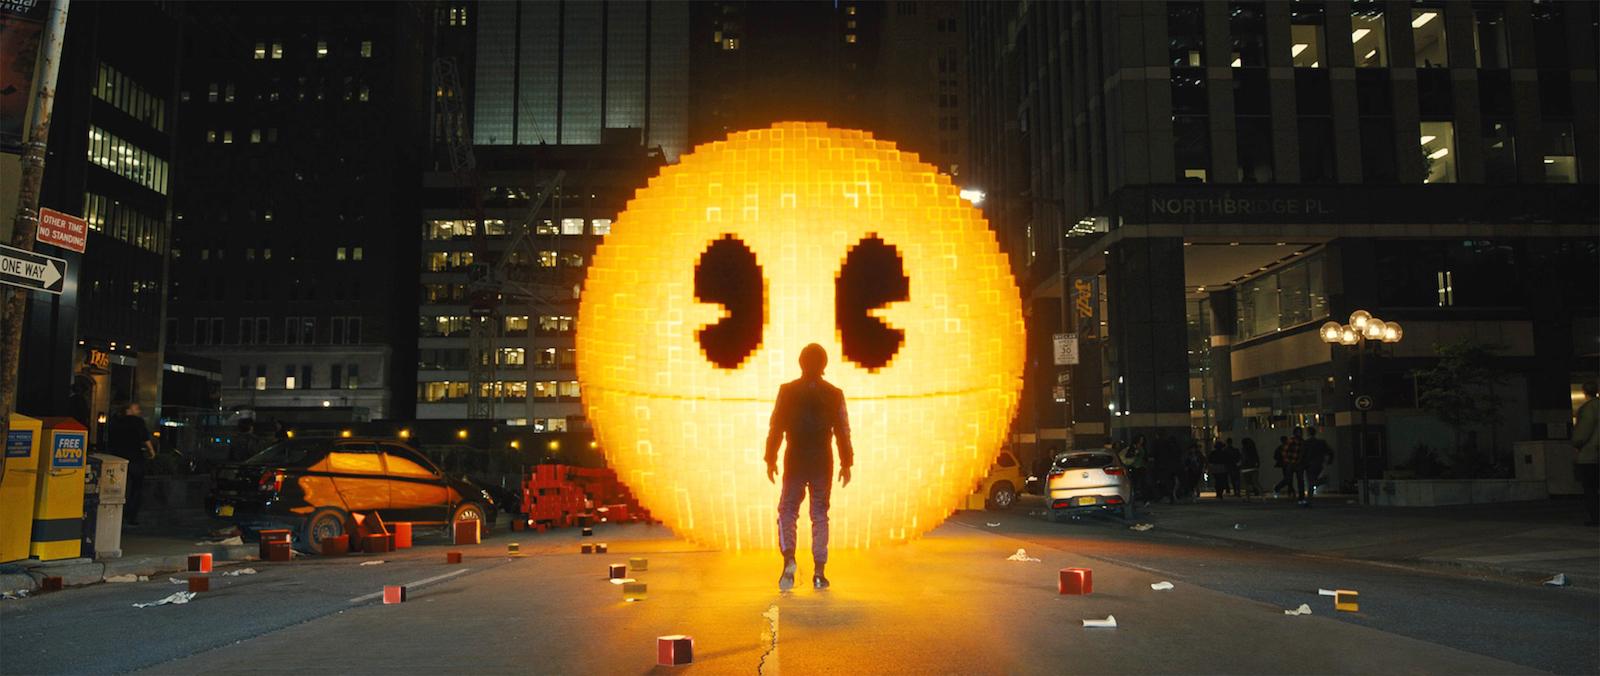 Pixels: Pac Man è cattivo?